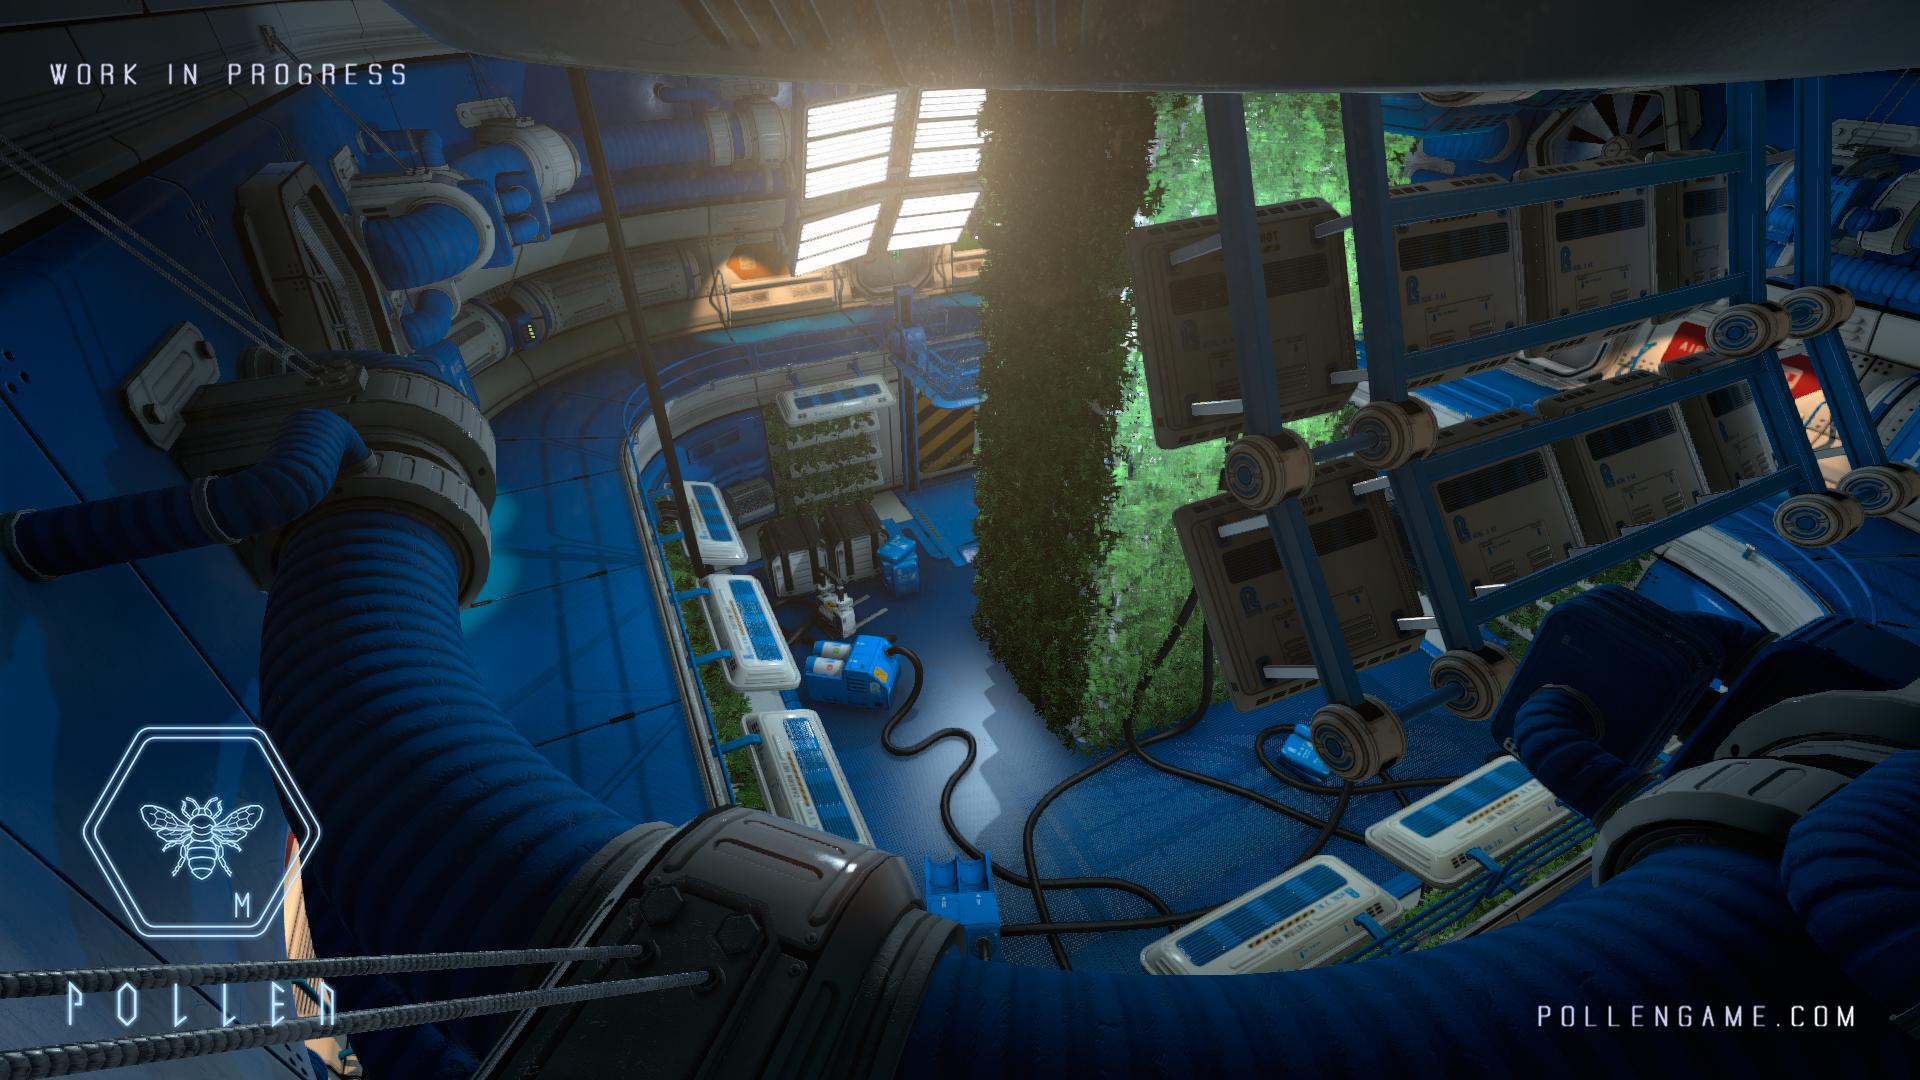 P·O·L·L·E·N vypadá na Dead Space 3 říznutý Alien Isolation 114659